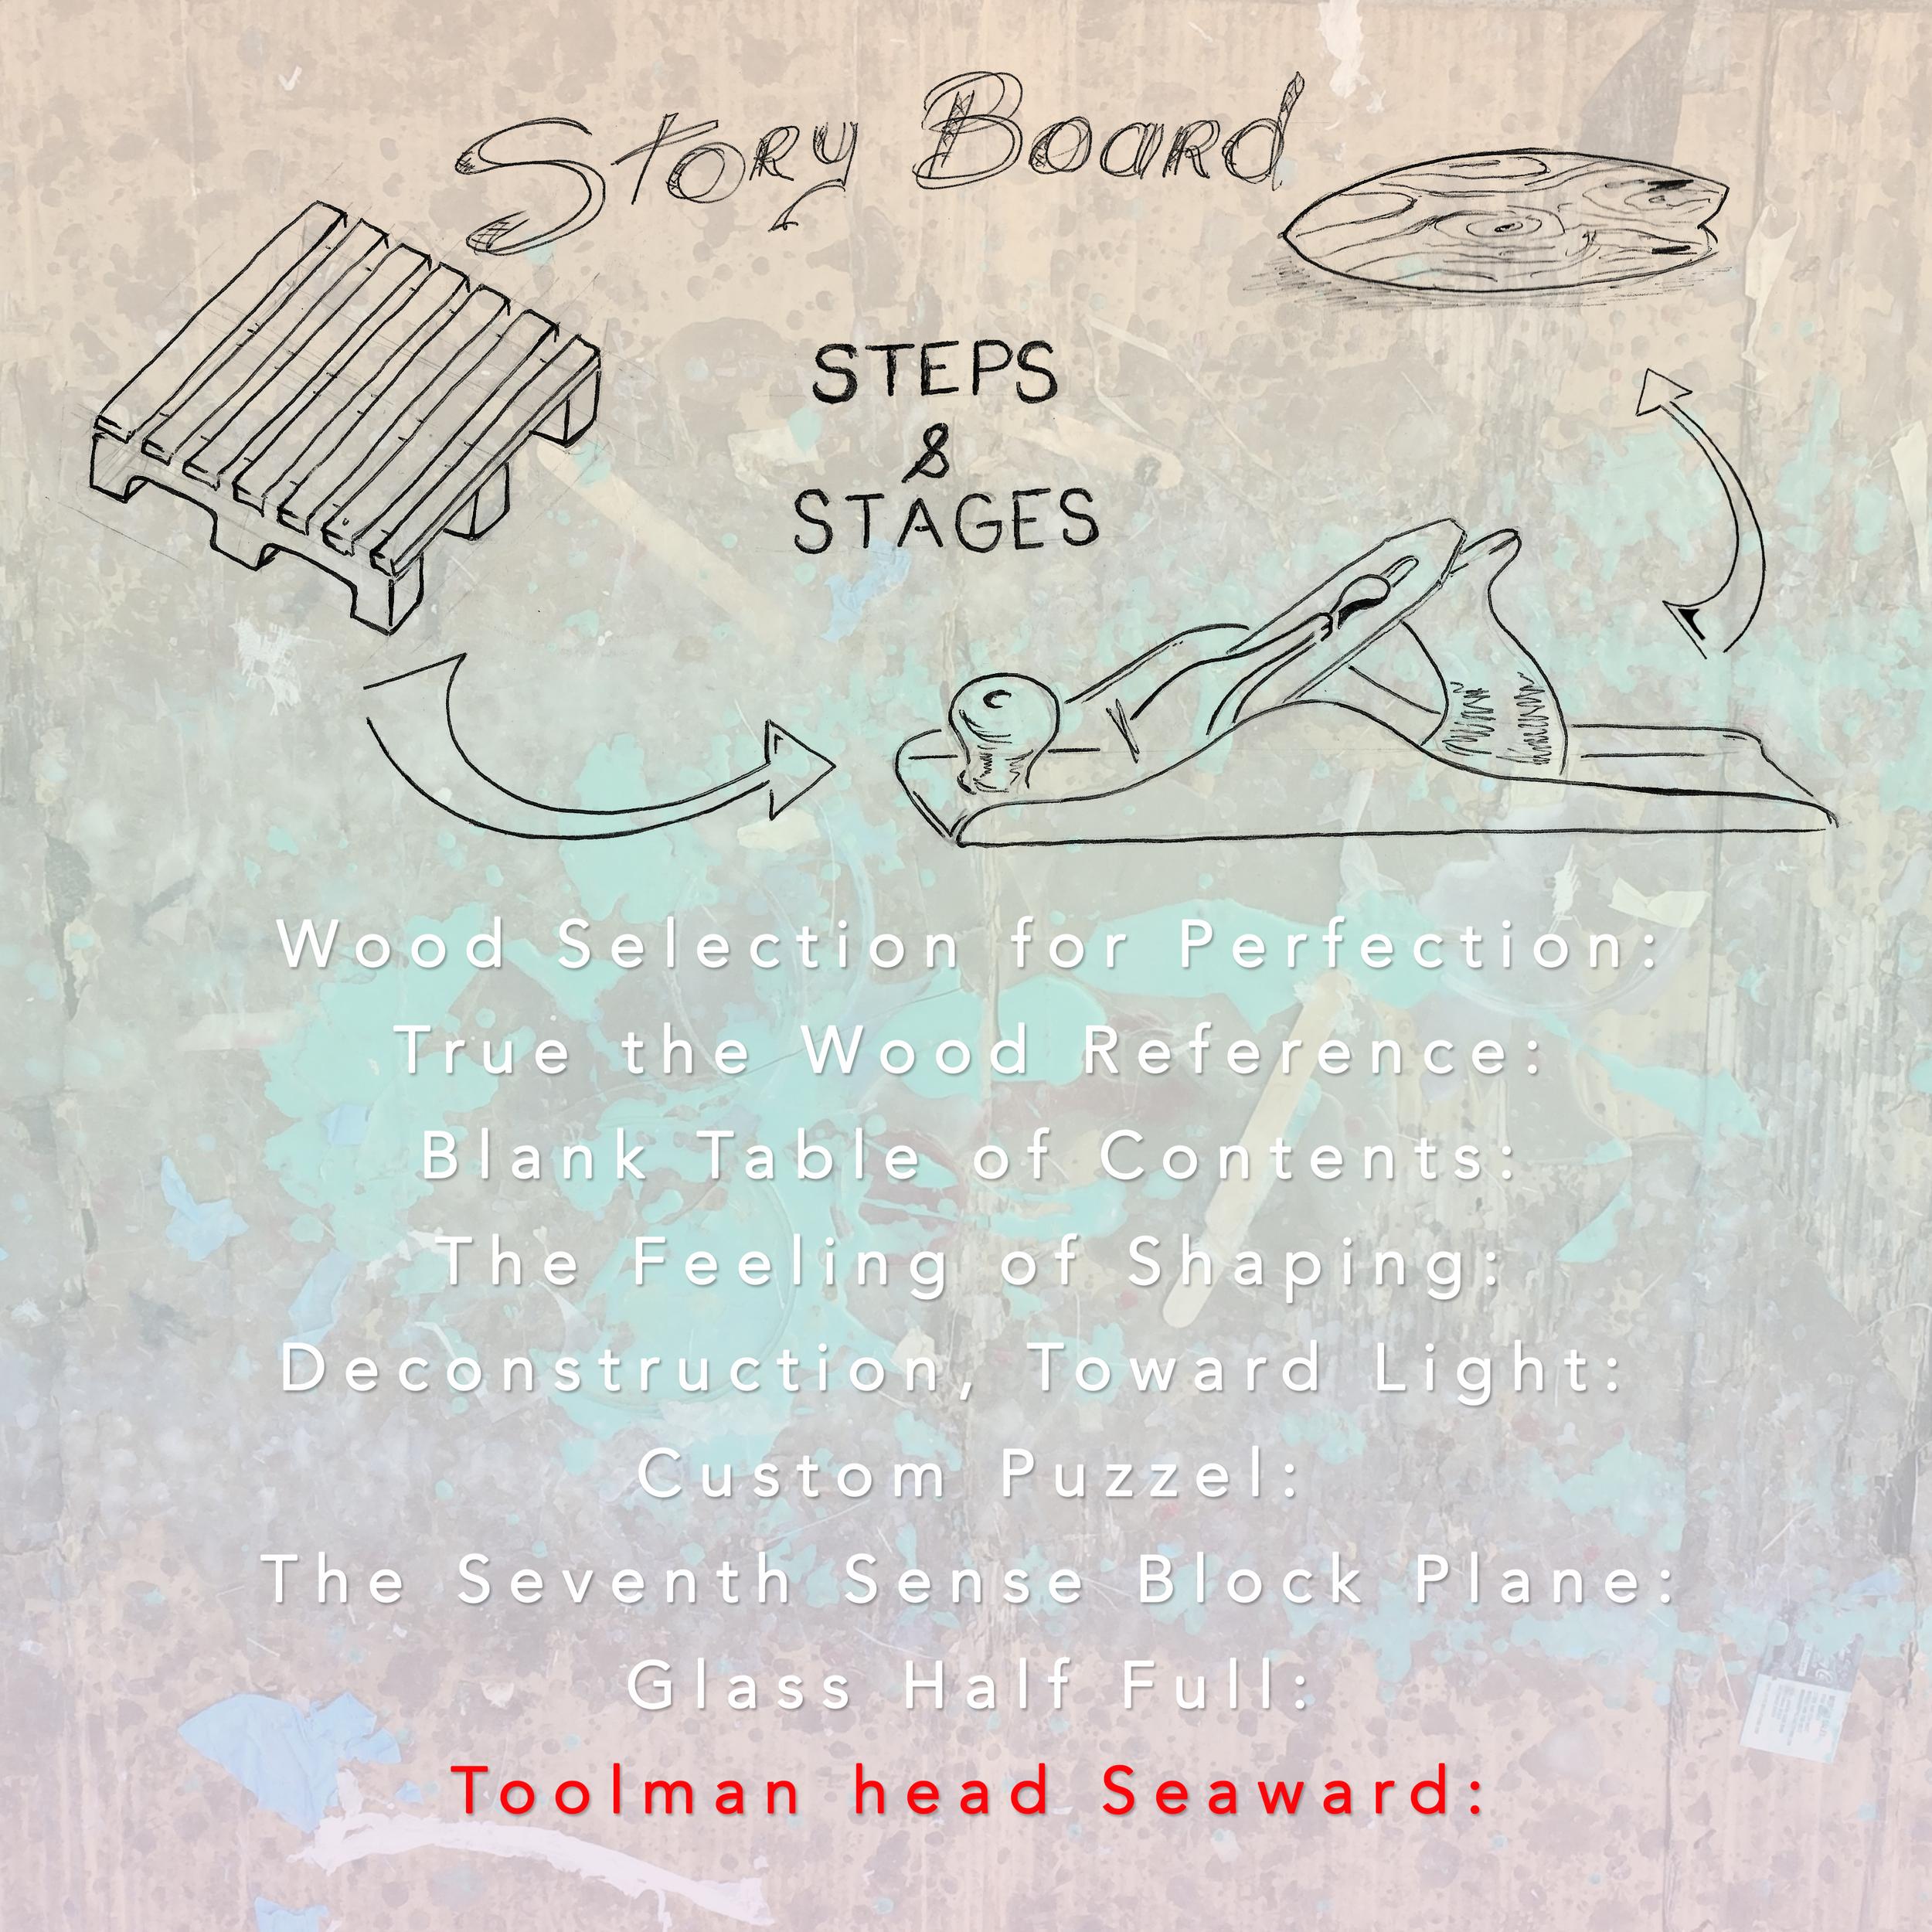 Toolman Head Seaward